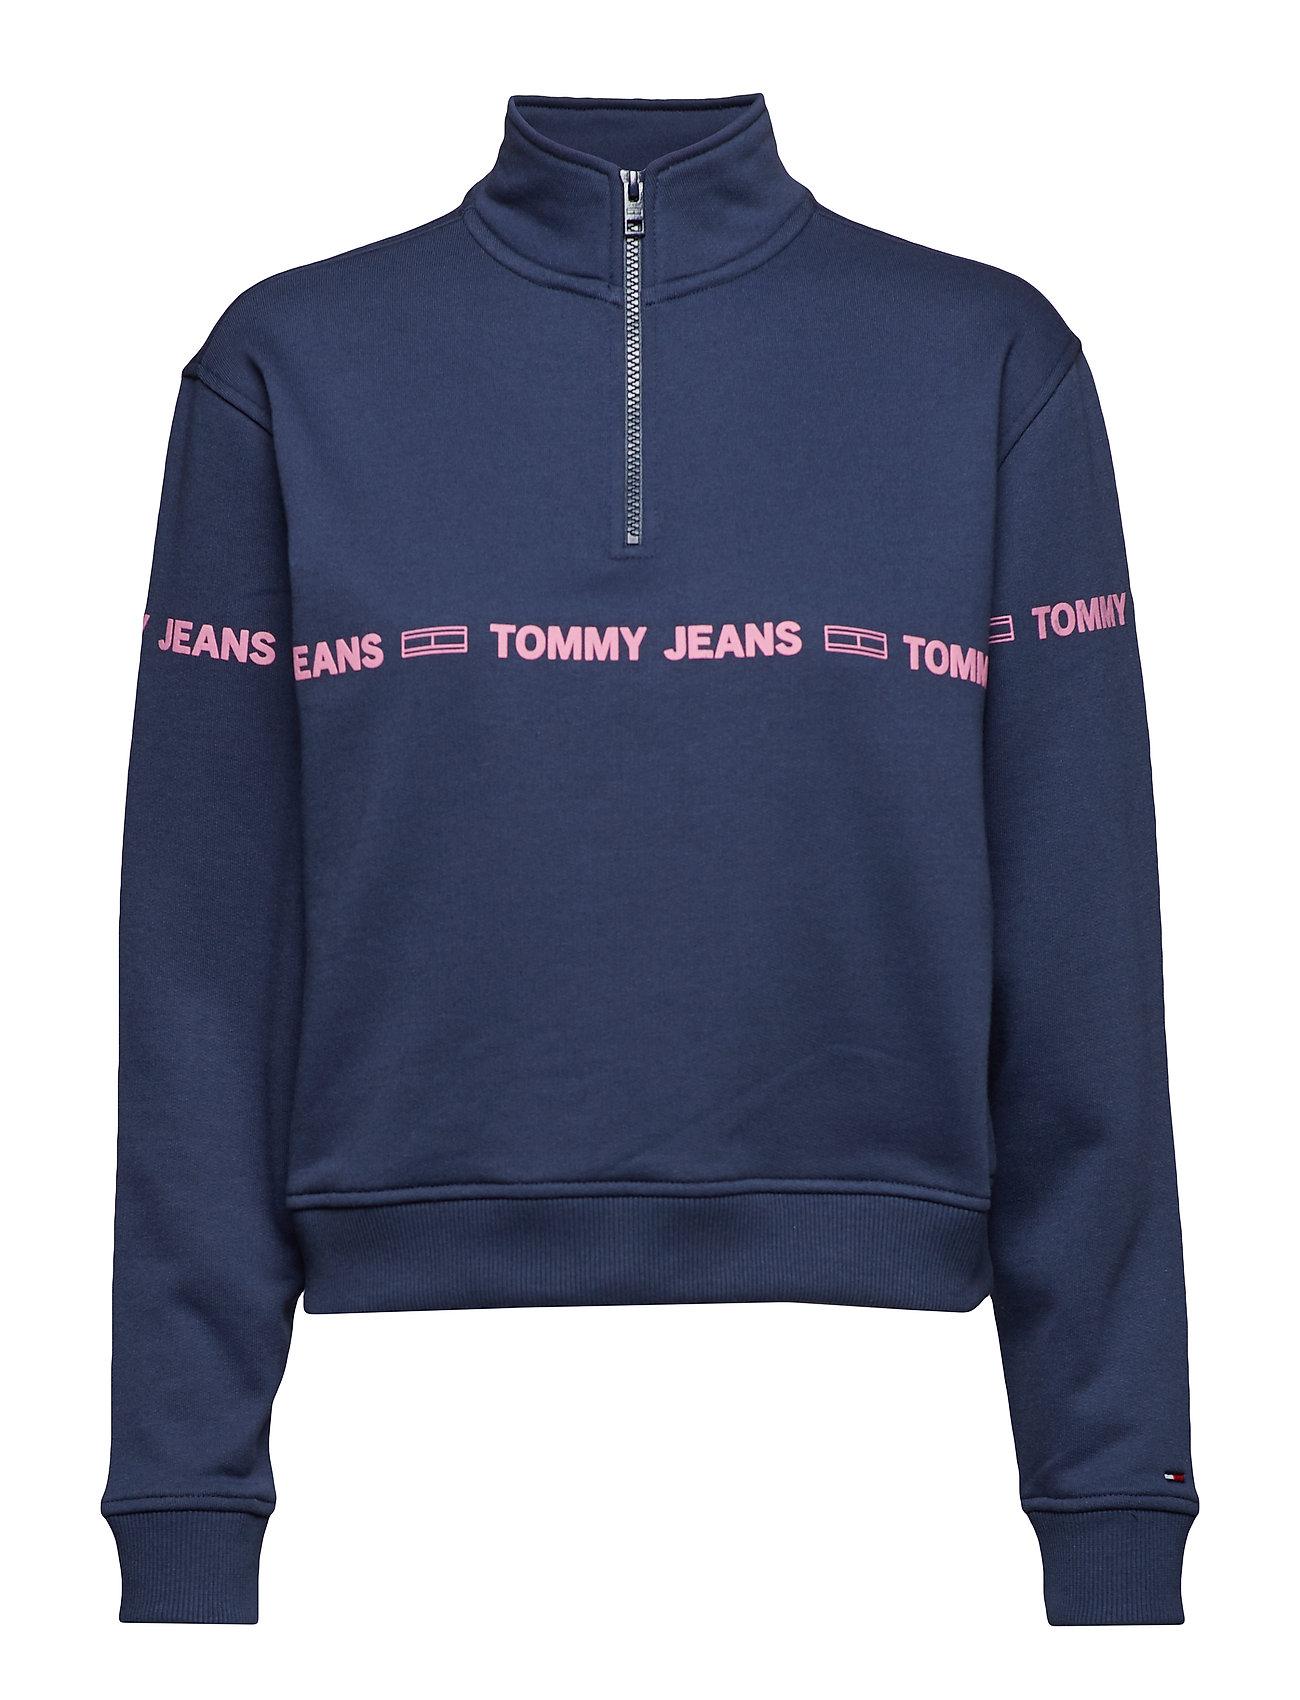 Tommy Jeans TJW MOCK NECK ZIP SW - BLACK IRIS